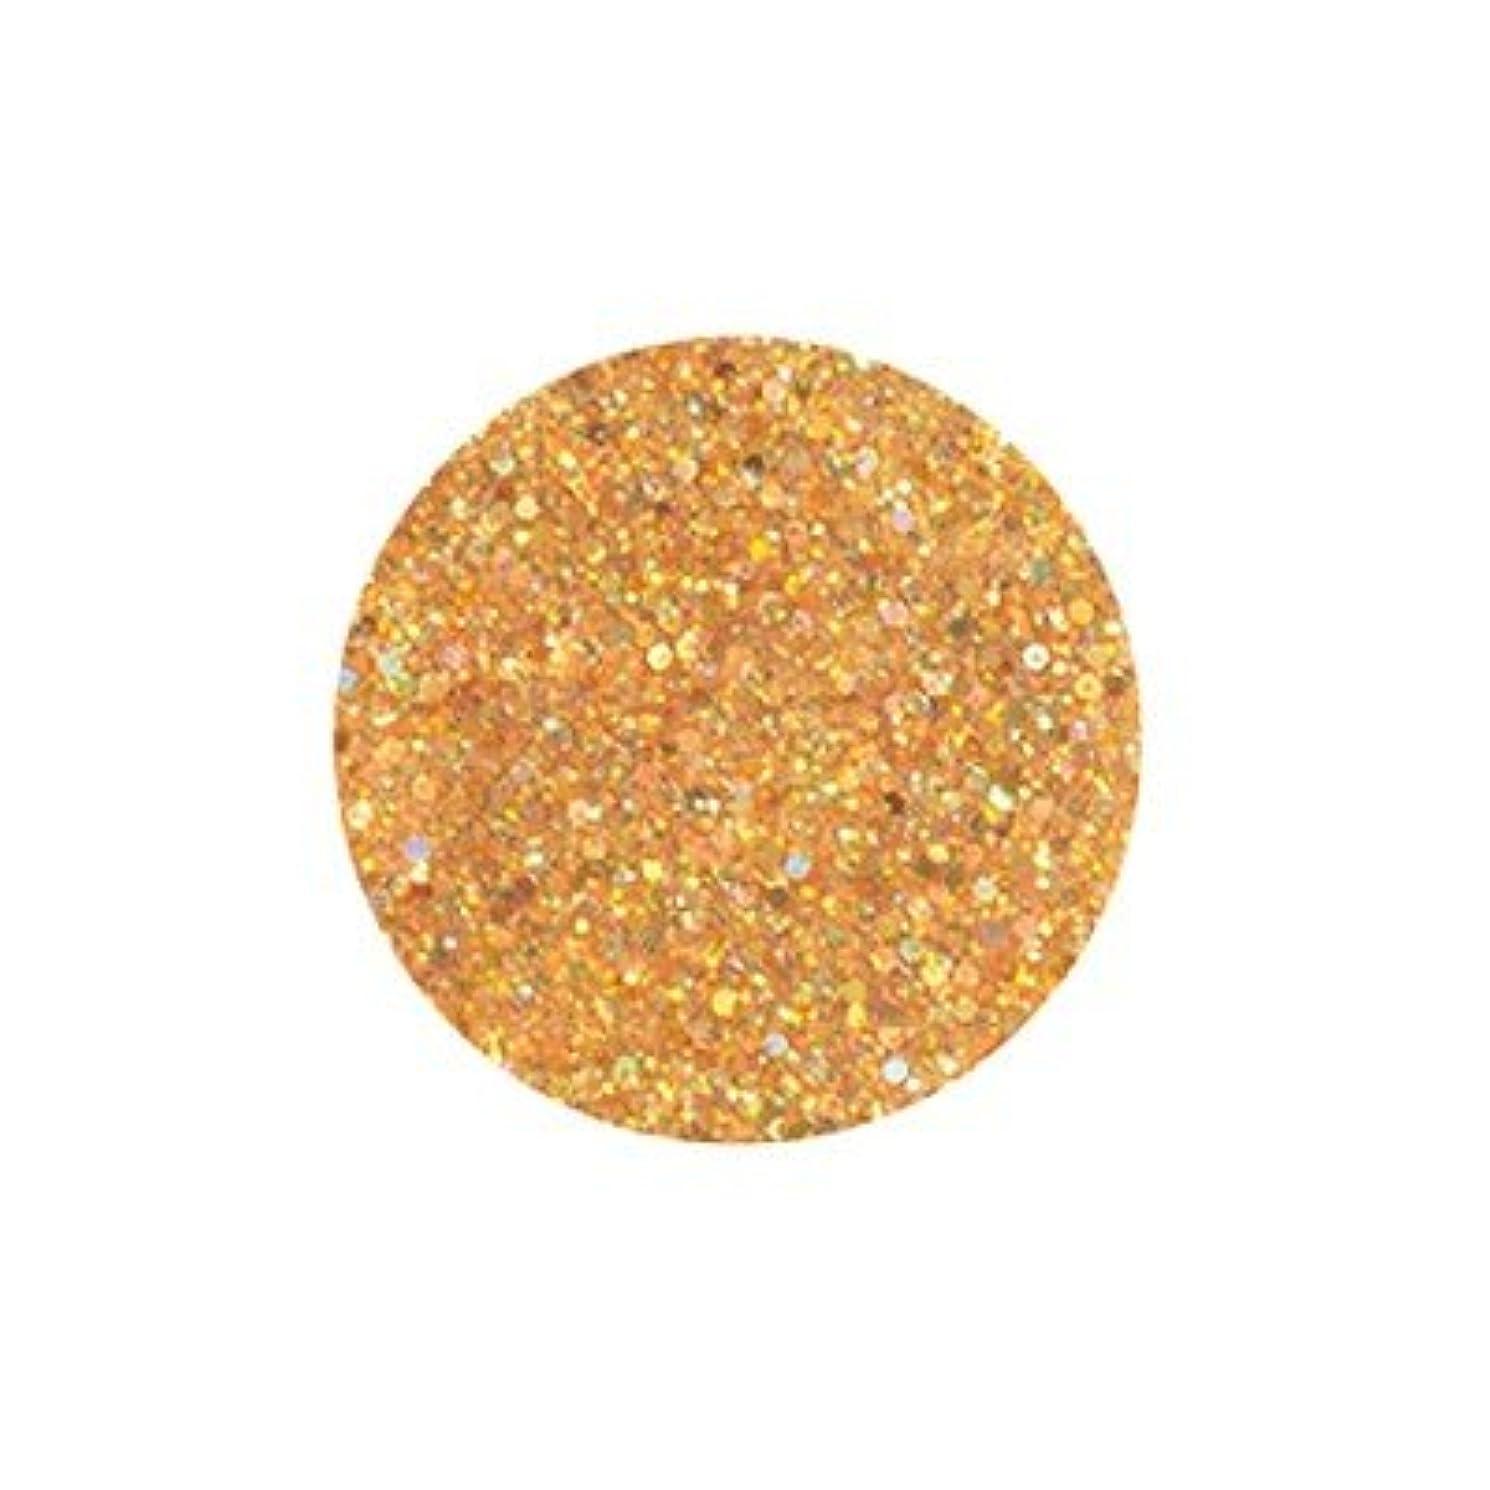 始める戻る靄FANTASY NAIL ダイヤモンドコレクション 3g 4254XS カラーパウダー アート材